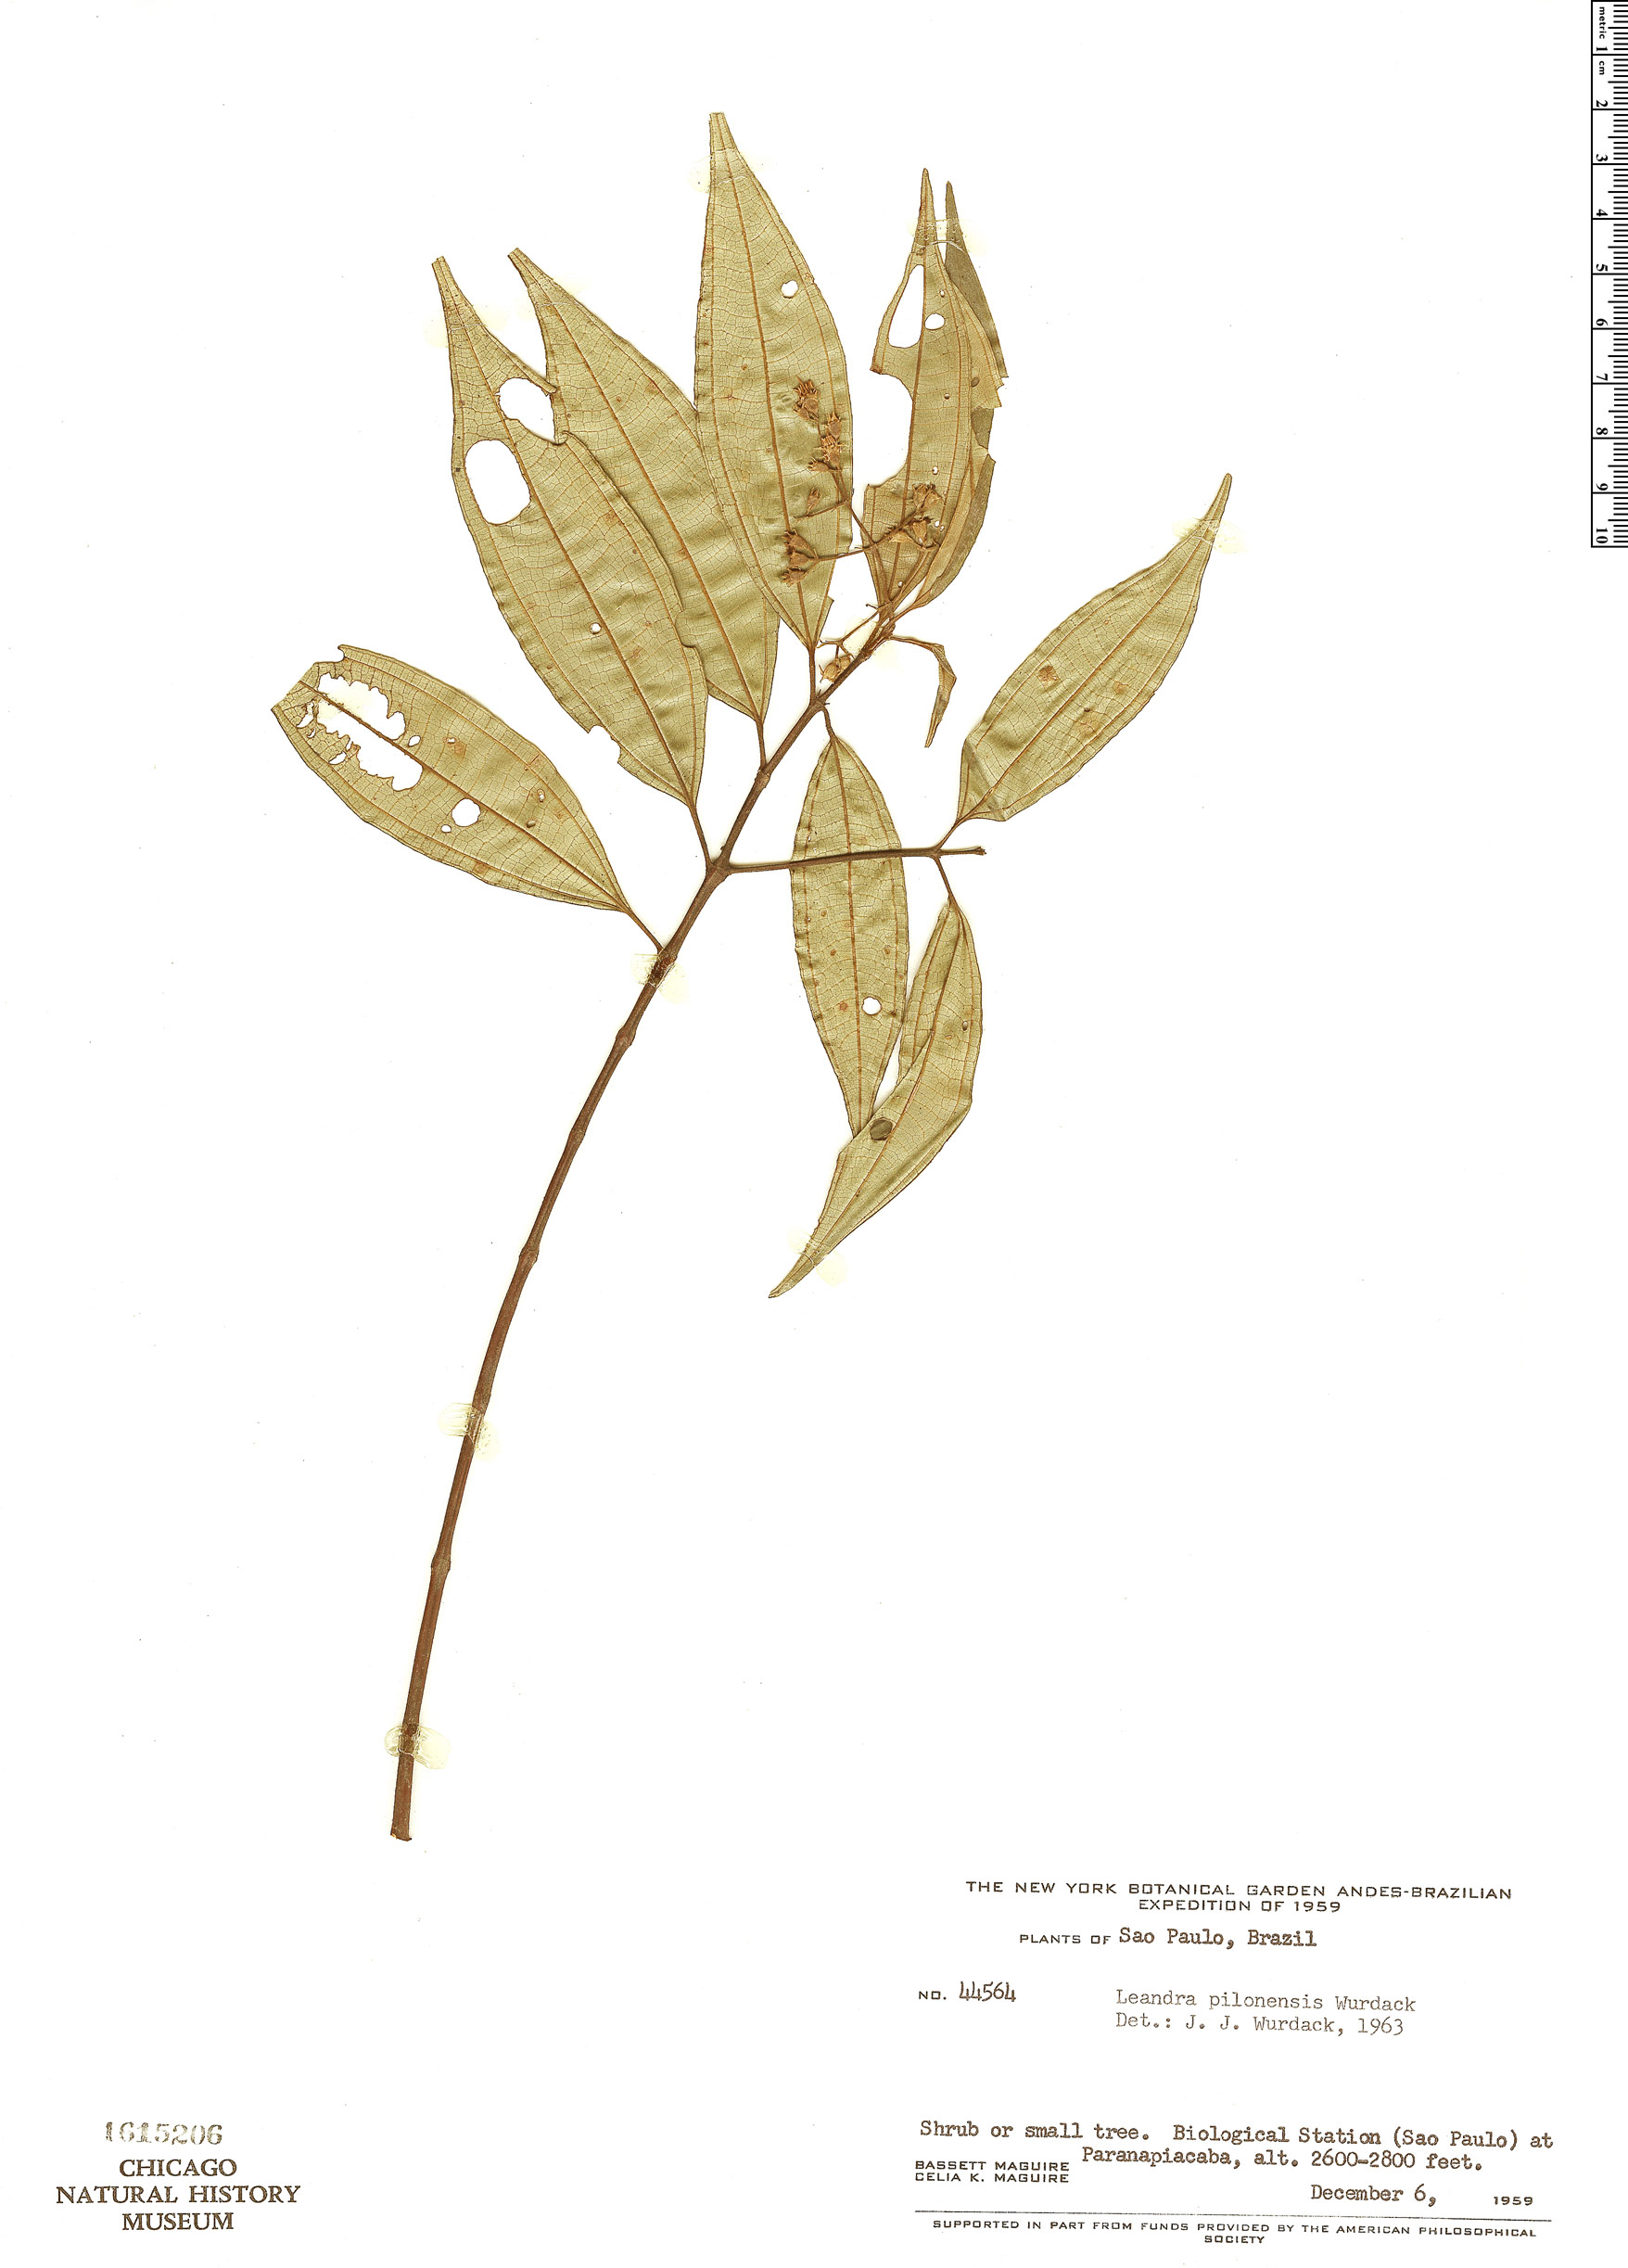 Specimen: Leandra pilonensis